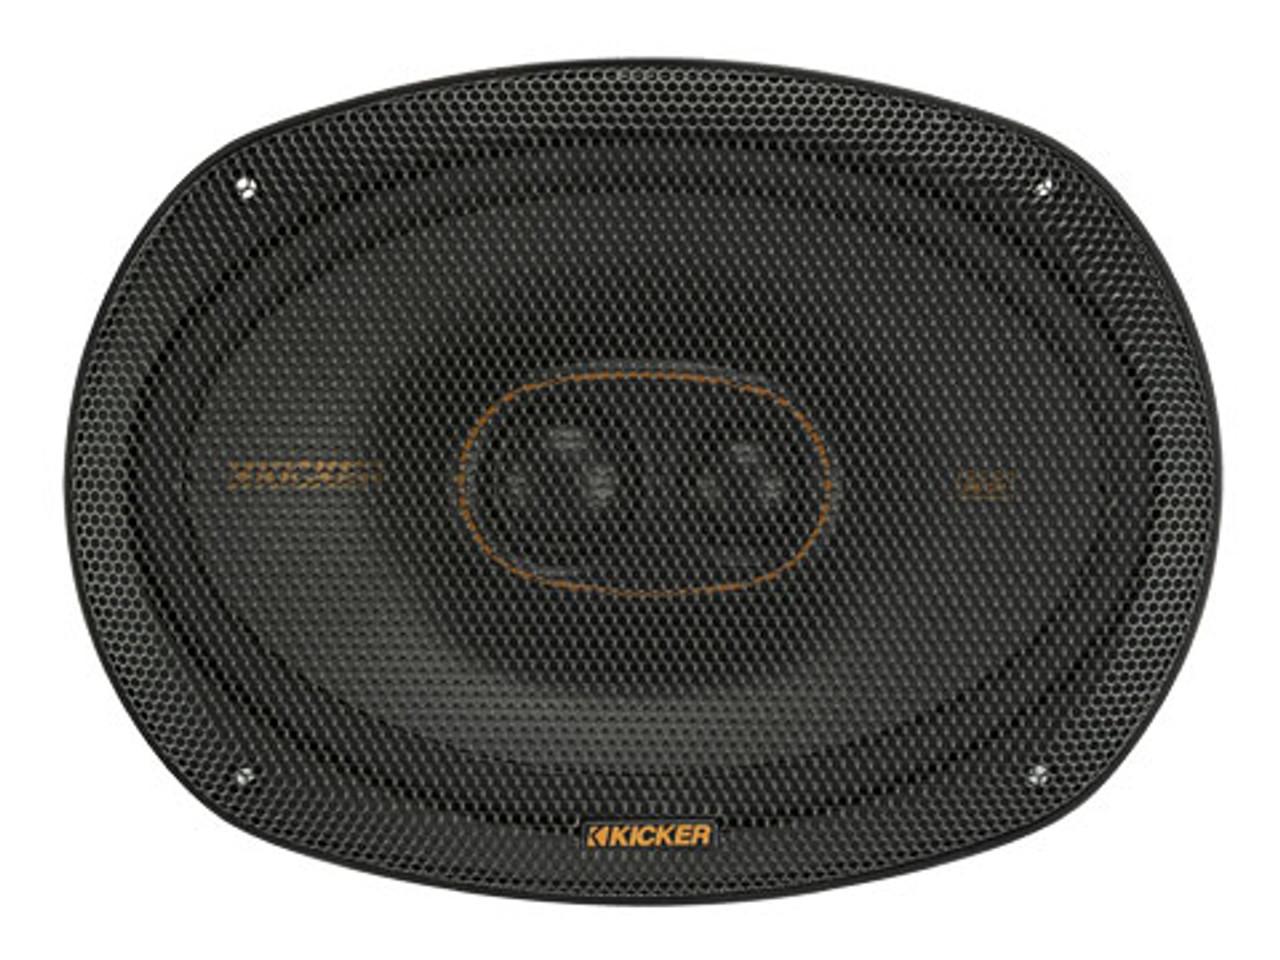 KICKER KSC69304- 6X9in 3way Speaker 4ohm